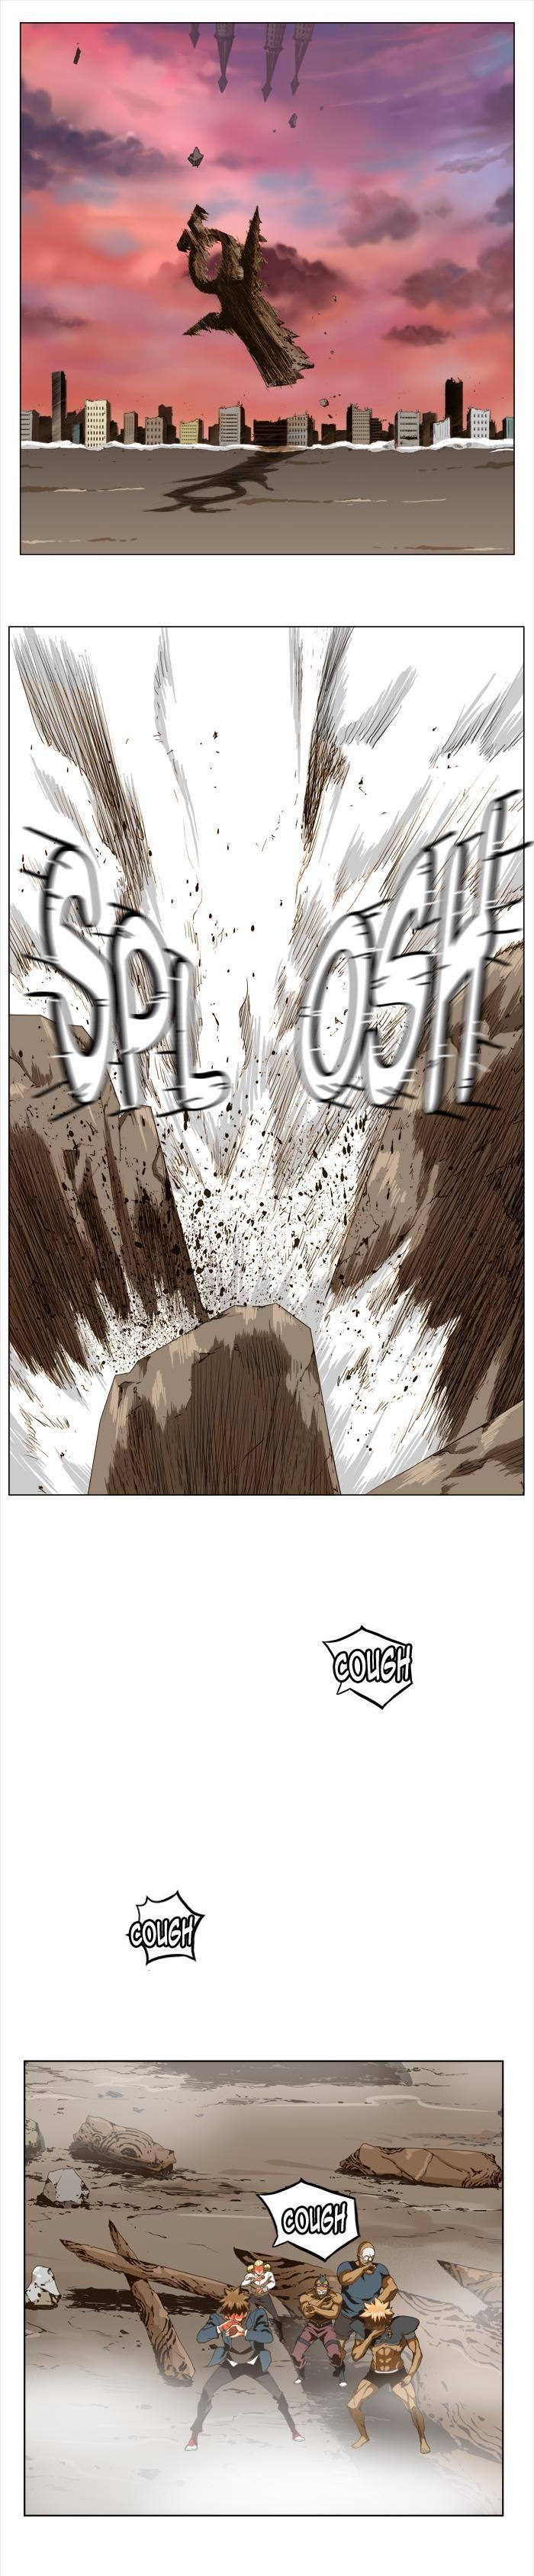 http://c5.ninemanga.com/es_manga/pic2/37/485/499996/fbc9b0142d9789ab5423f8221c35621a.jpg Page 6